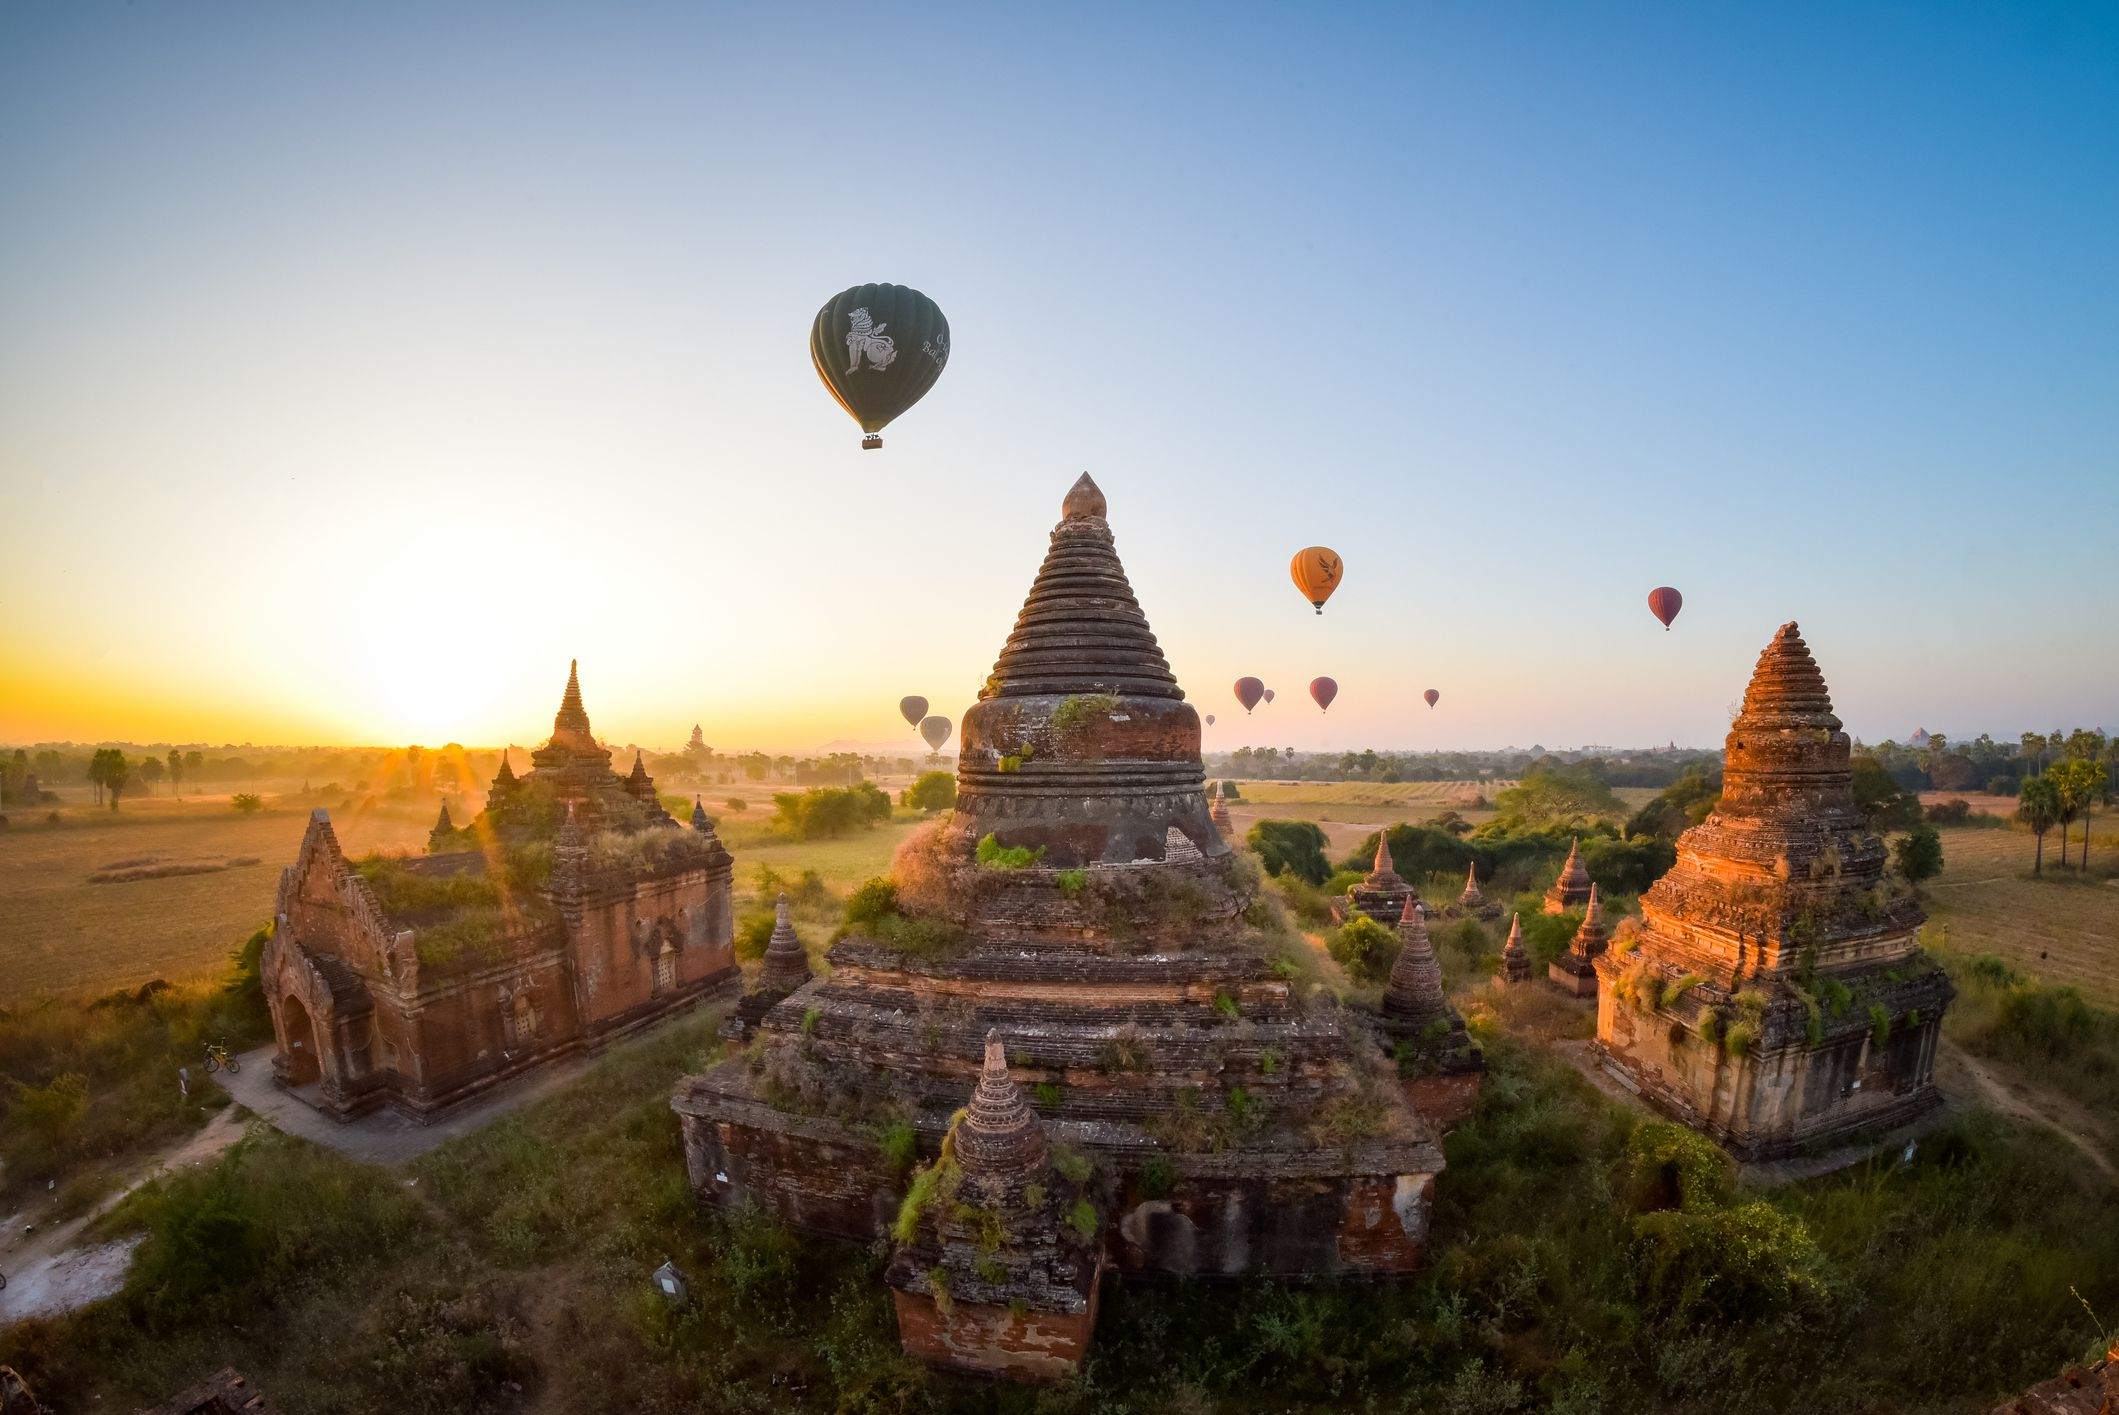 GettyImages 646927586 5af207593037130036dbf349 - Tempat Wisata Mengagumkan di Myanmar